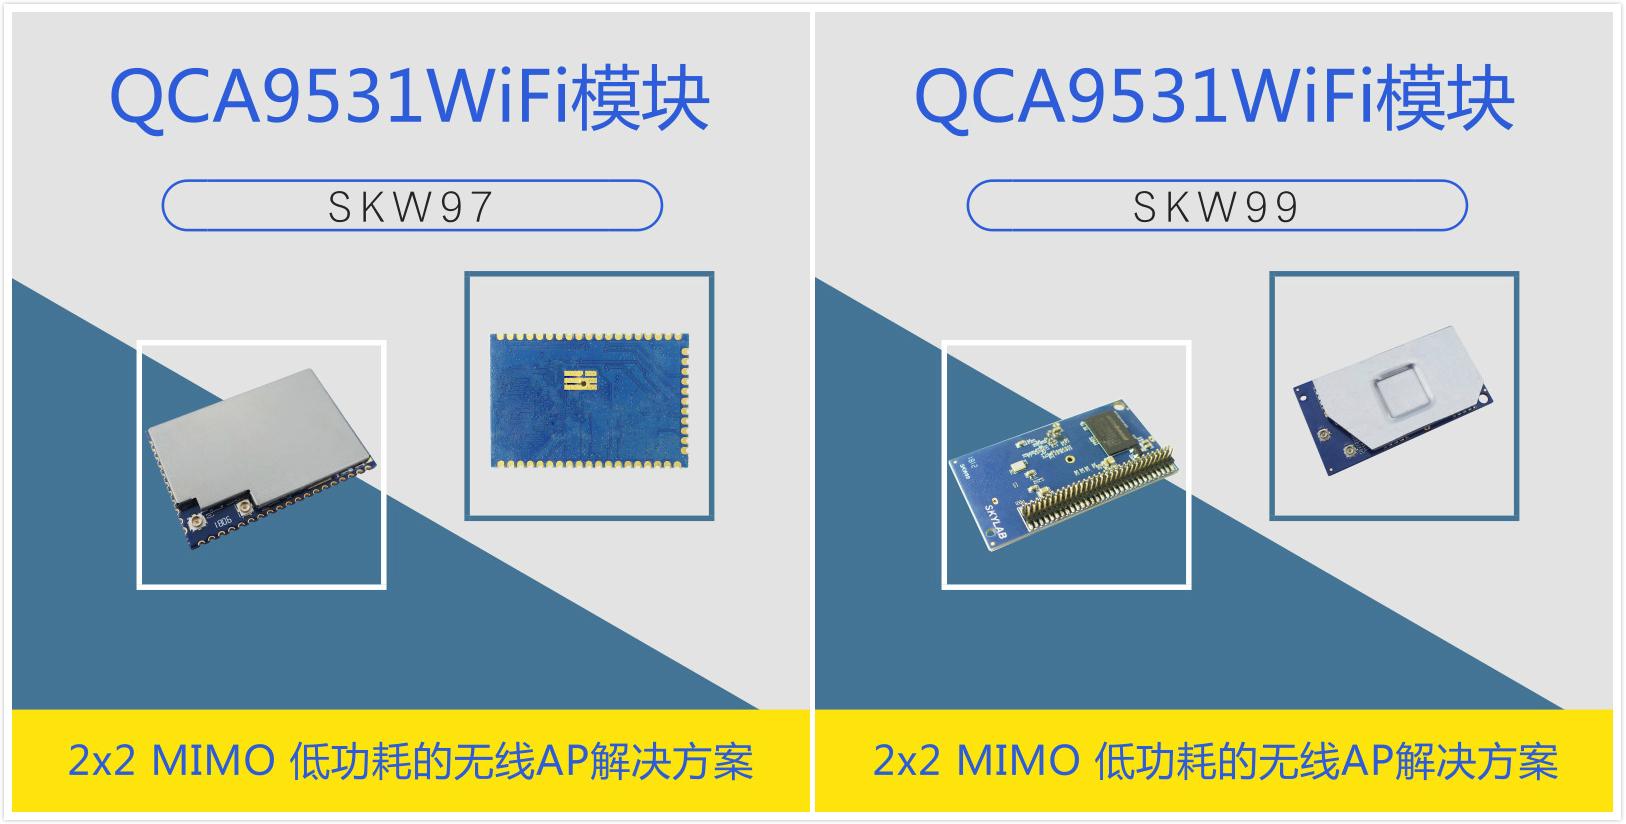 一分钟教你全面认识QCA9531 WiFi模块的强大功能